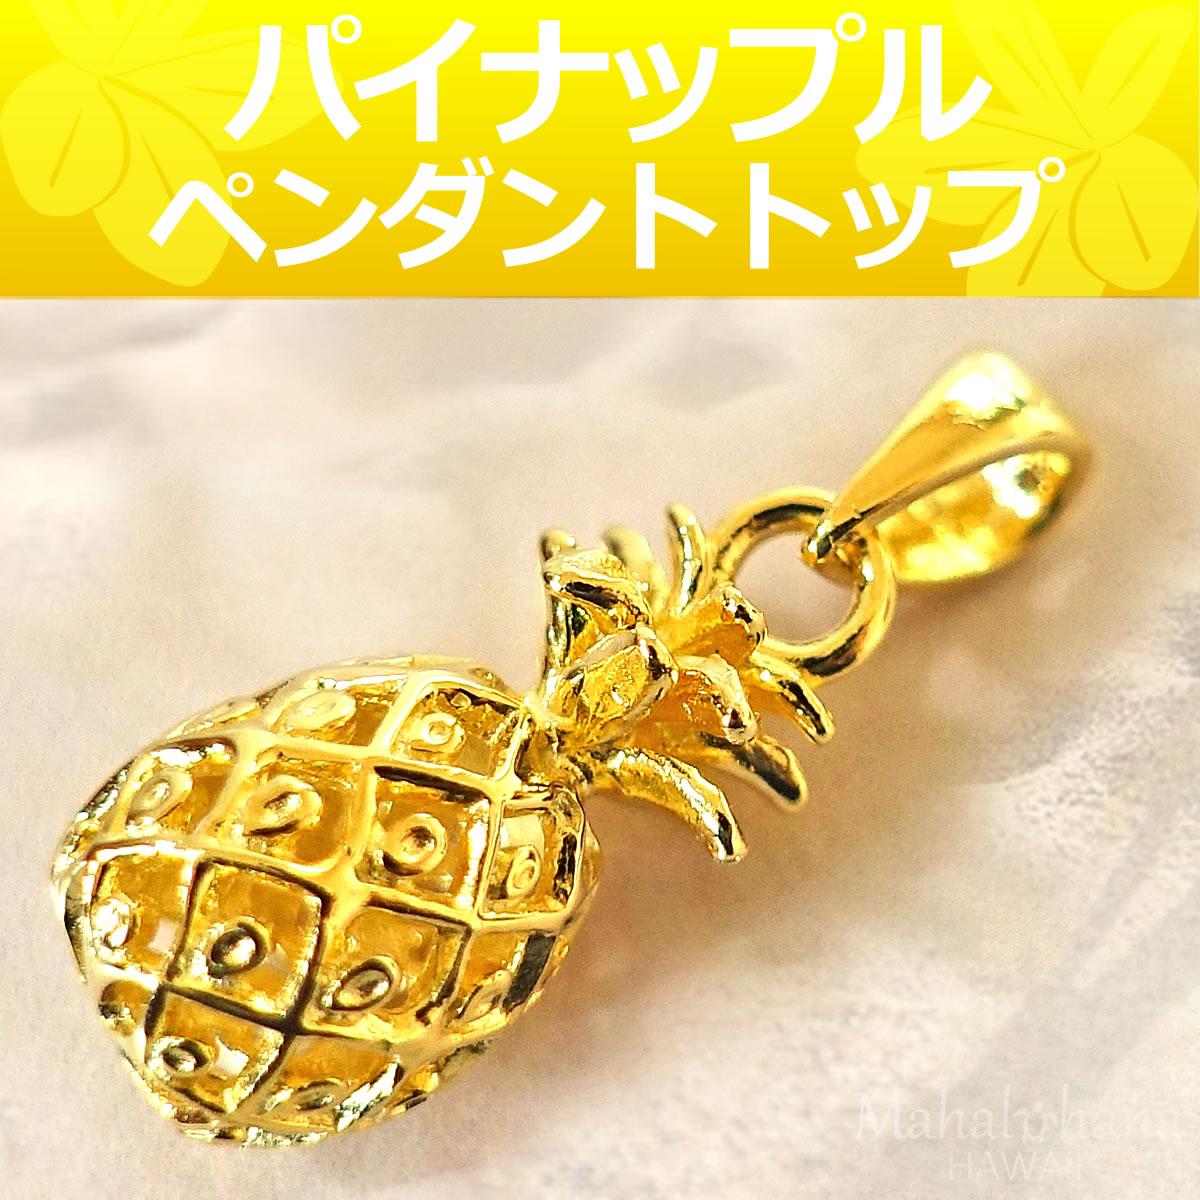 パイナップル型のペンダント